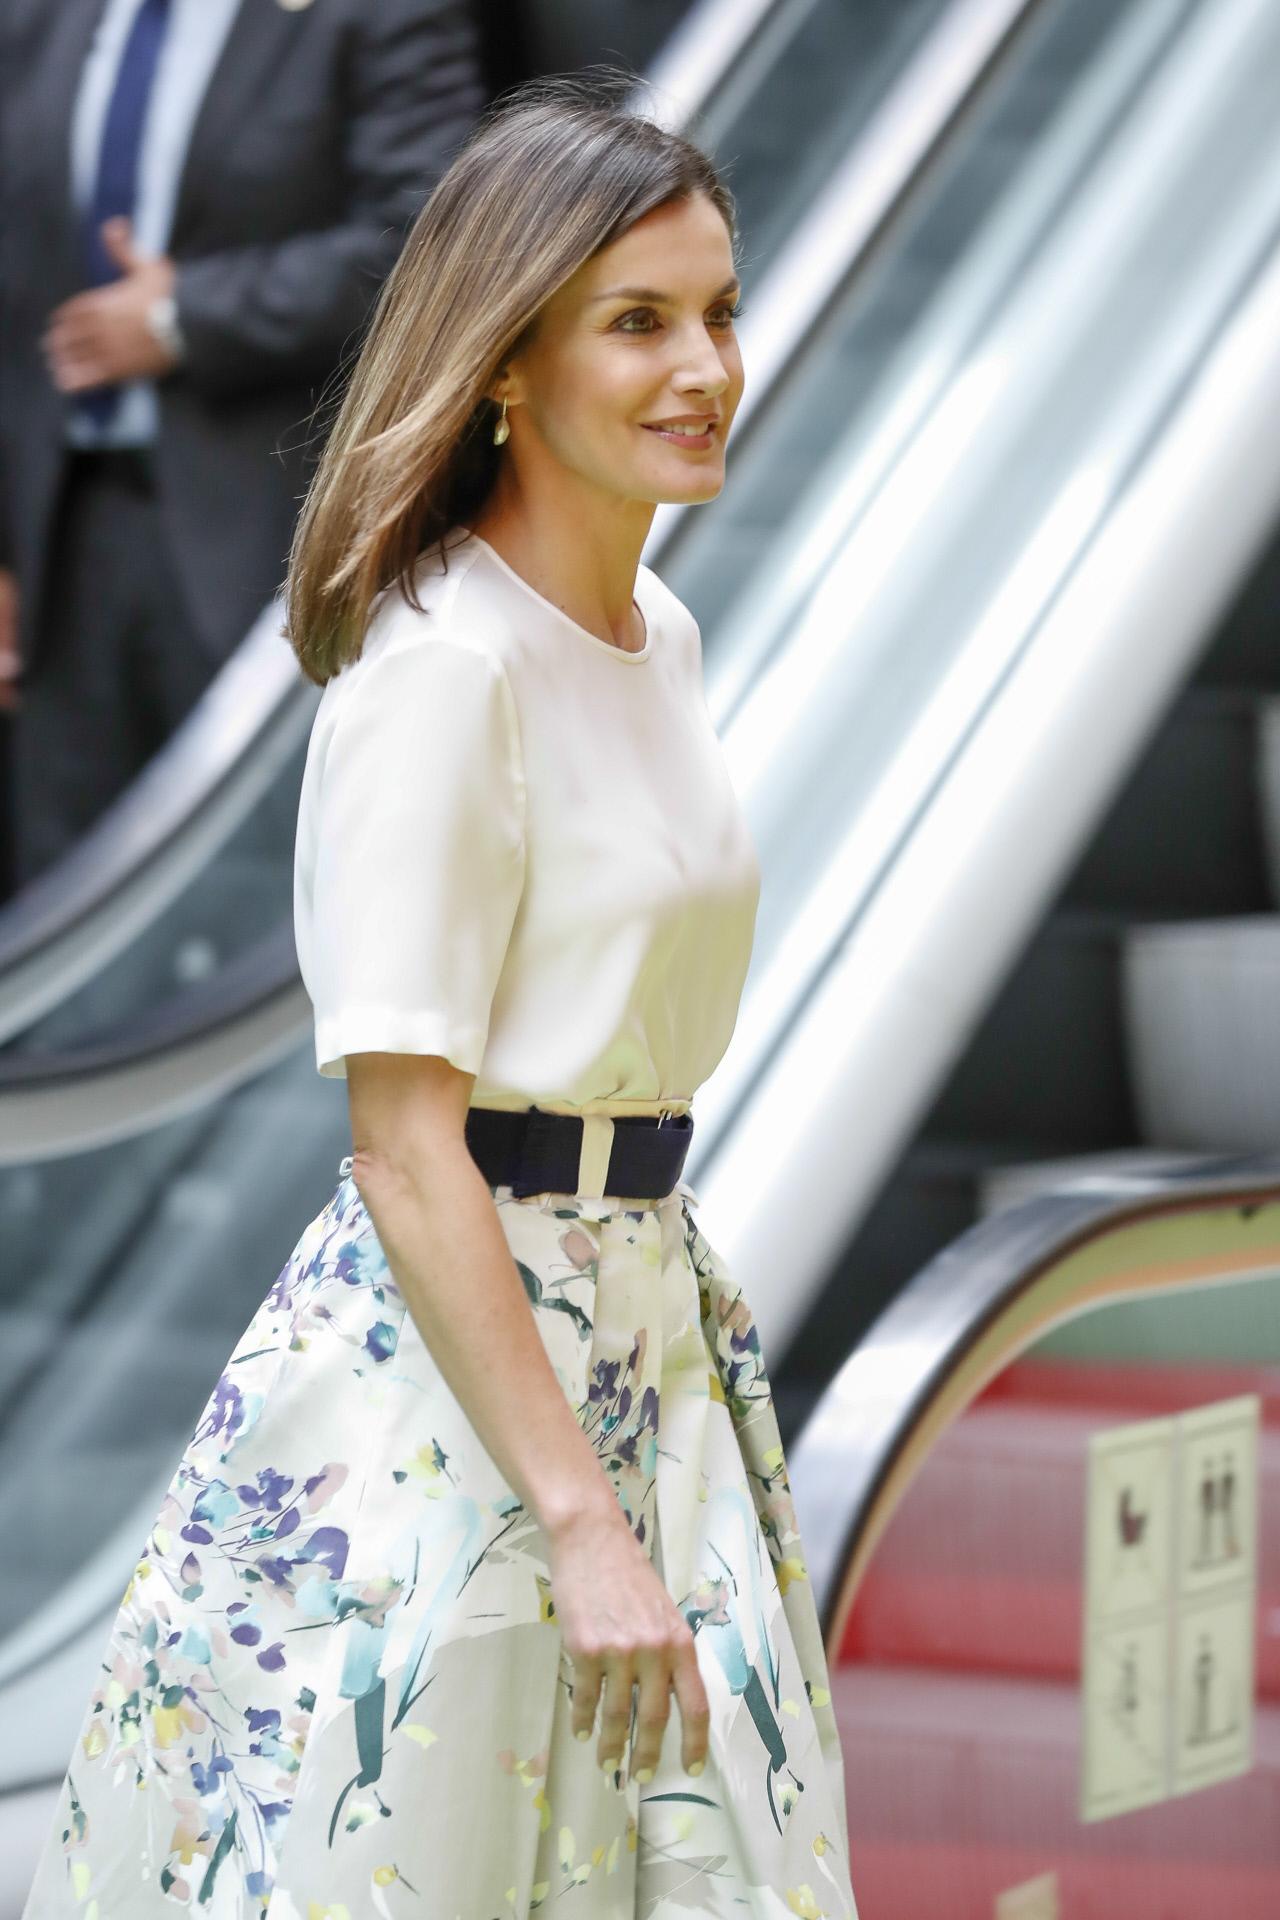 La reina Letizia con falda de flores, blusa blanca y cinturón.